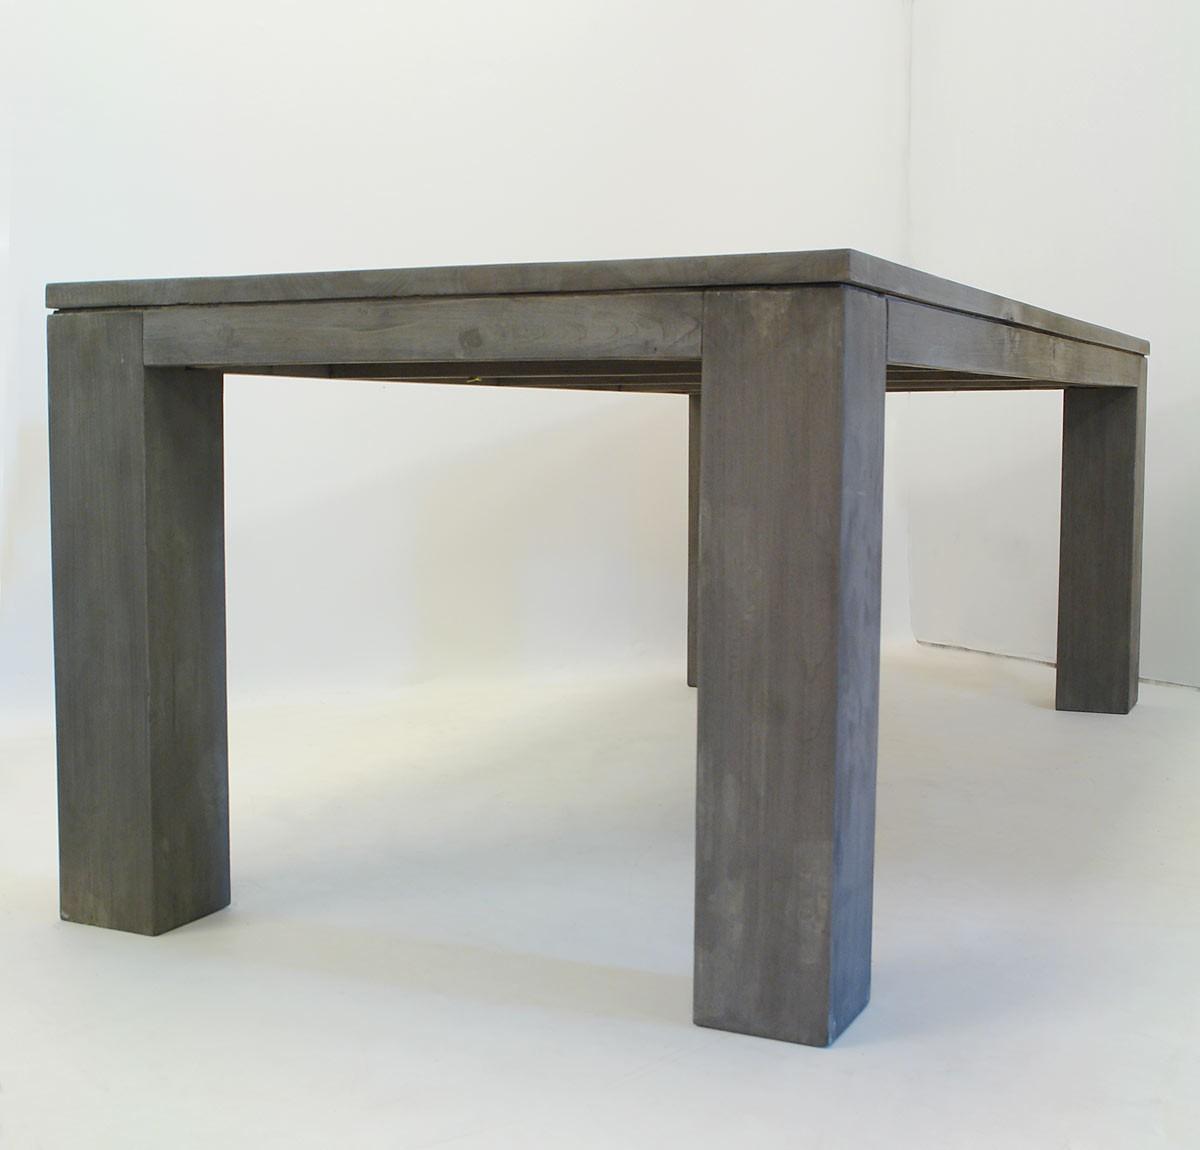 Fabulous Amazing Finest Tisch Esstisch In Anthrazit Fr Die Groe Tafelrunde  U Bild With Esstisch Gro With Groe Esstische With Fr Tische